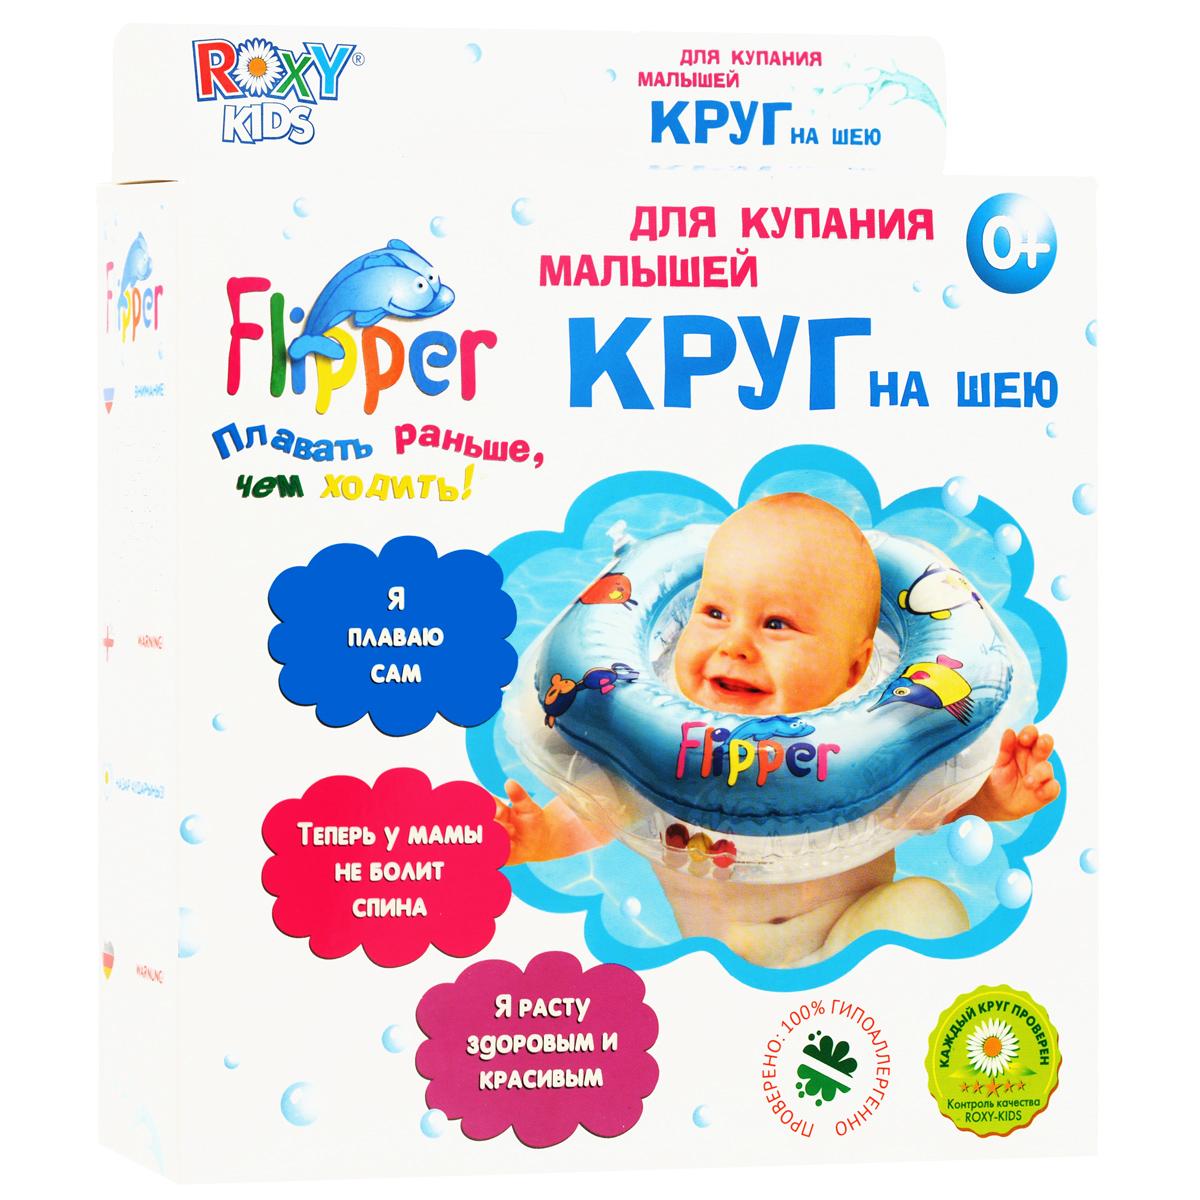 Круг на шею для купания Roxy-Kids Flipper, цвет: зеленыйFL001_зеленыйКруг на шею для купания Roxy-Kids Flipper создан специально для купания малышей от рождения до 2-х лет. Он совершенно безопасный, надежный, прекрасно стимулирует природный плавательный рефлекс и поможет облегчить родителям процесс купания ребенка. Безопасность круга усилена дополнительно благодаря наличию второго внутреннего круга. Круг для купания изготавливается из прочного, надежного материала - современного полимера. Надежная удобная фиксация обеспечивается двумя удобными регулируемыми застежками. Круг имеет мягкий внутренний шов, который не натирает шею малыша, а также дополнен удобными круглыми ручками, за который малыш может держаться, и специальными шариками-погремушками. Плавание в ванне или в бассейне прекрасно развивает физическое и эмоциональное состояние малышей.